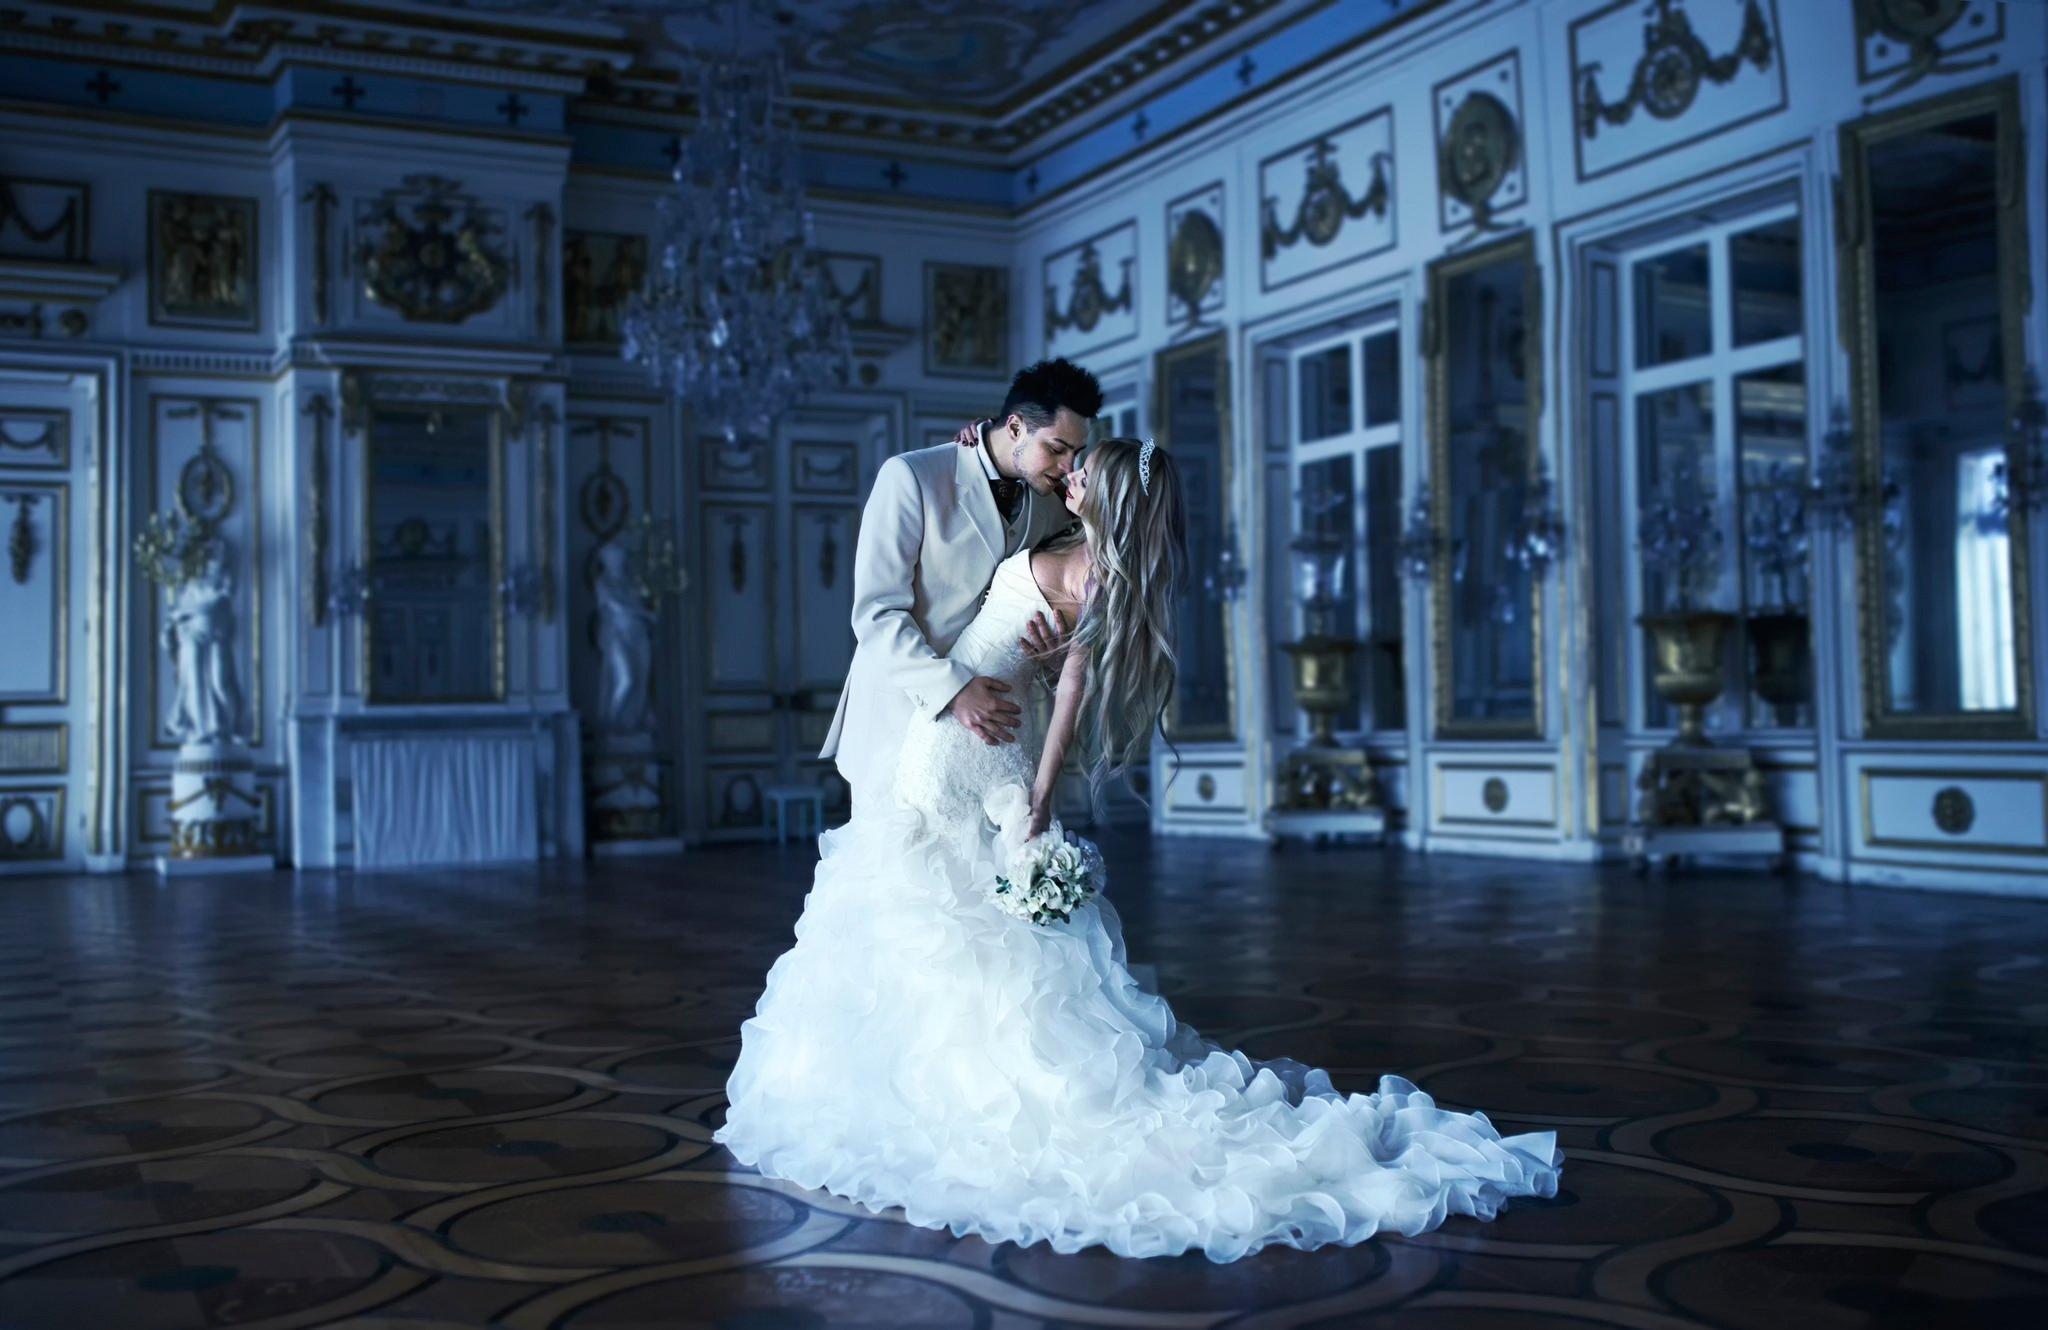 Graziausias vestuviu sokis